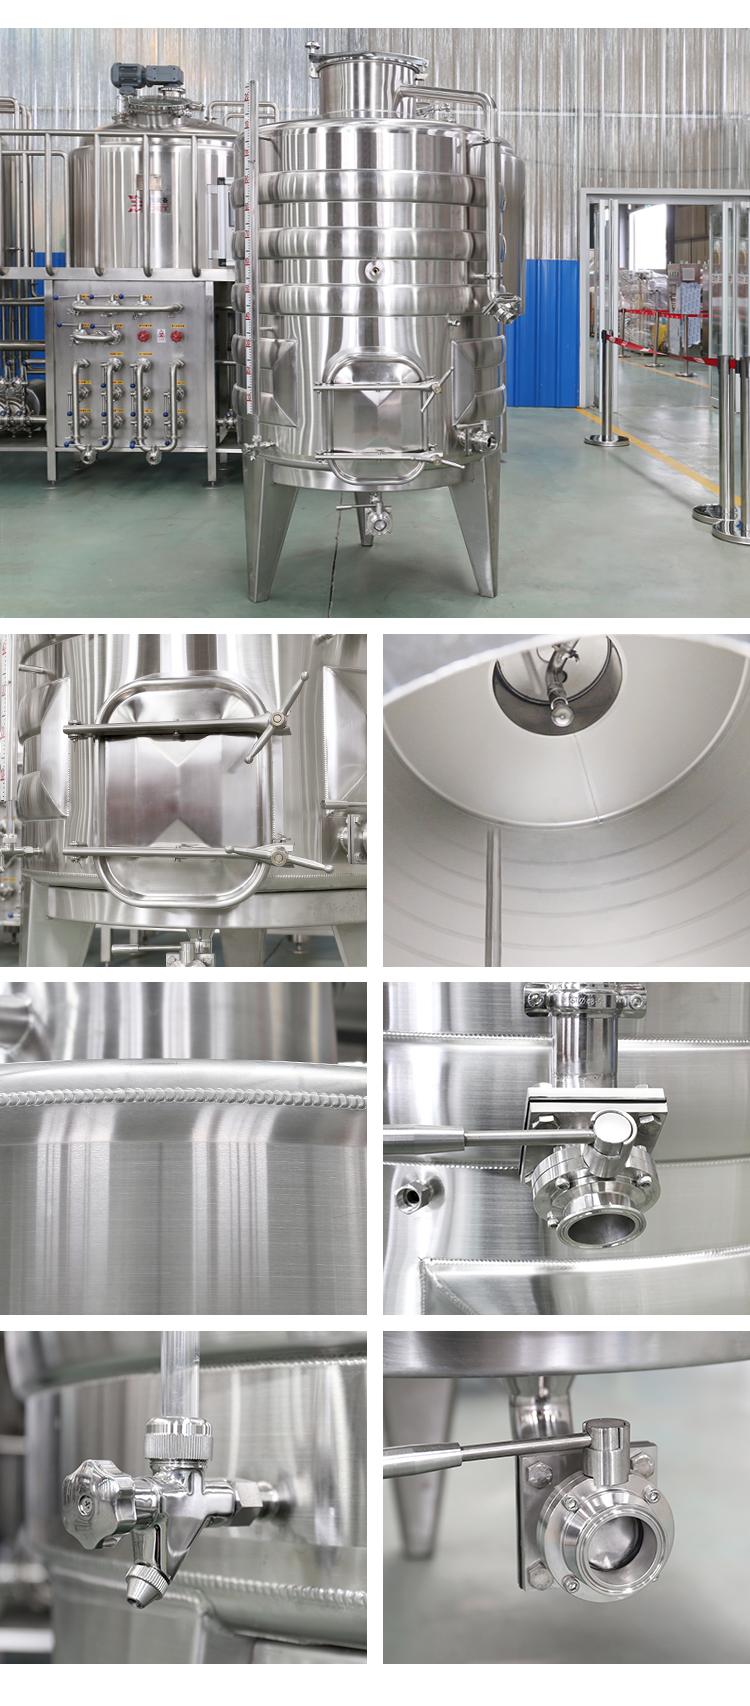 300L 500L 3000l 5000l 10000L Equipamentos Adega Máquinas de Aço Inoxidável Tanques de Fermentação do Vinho